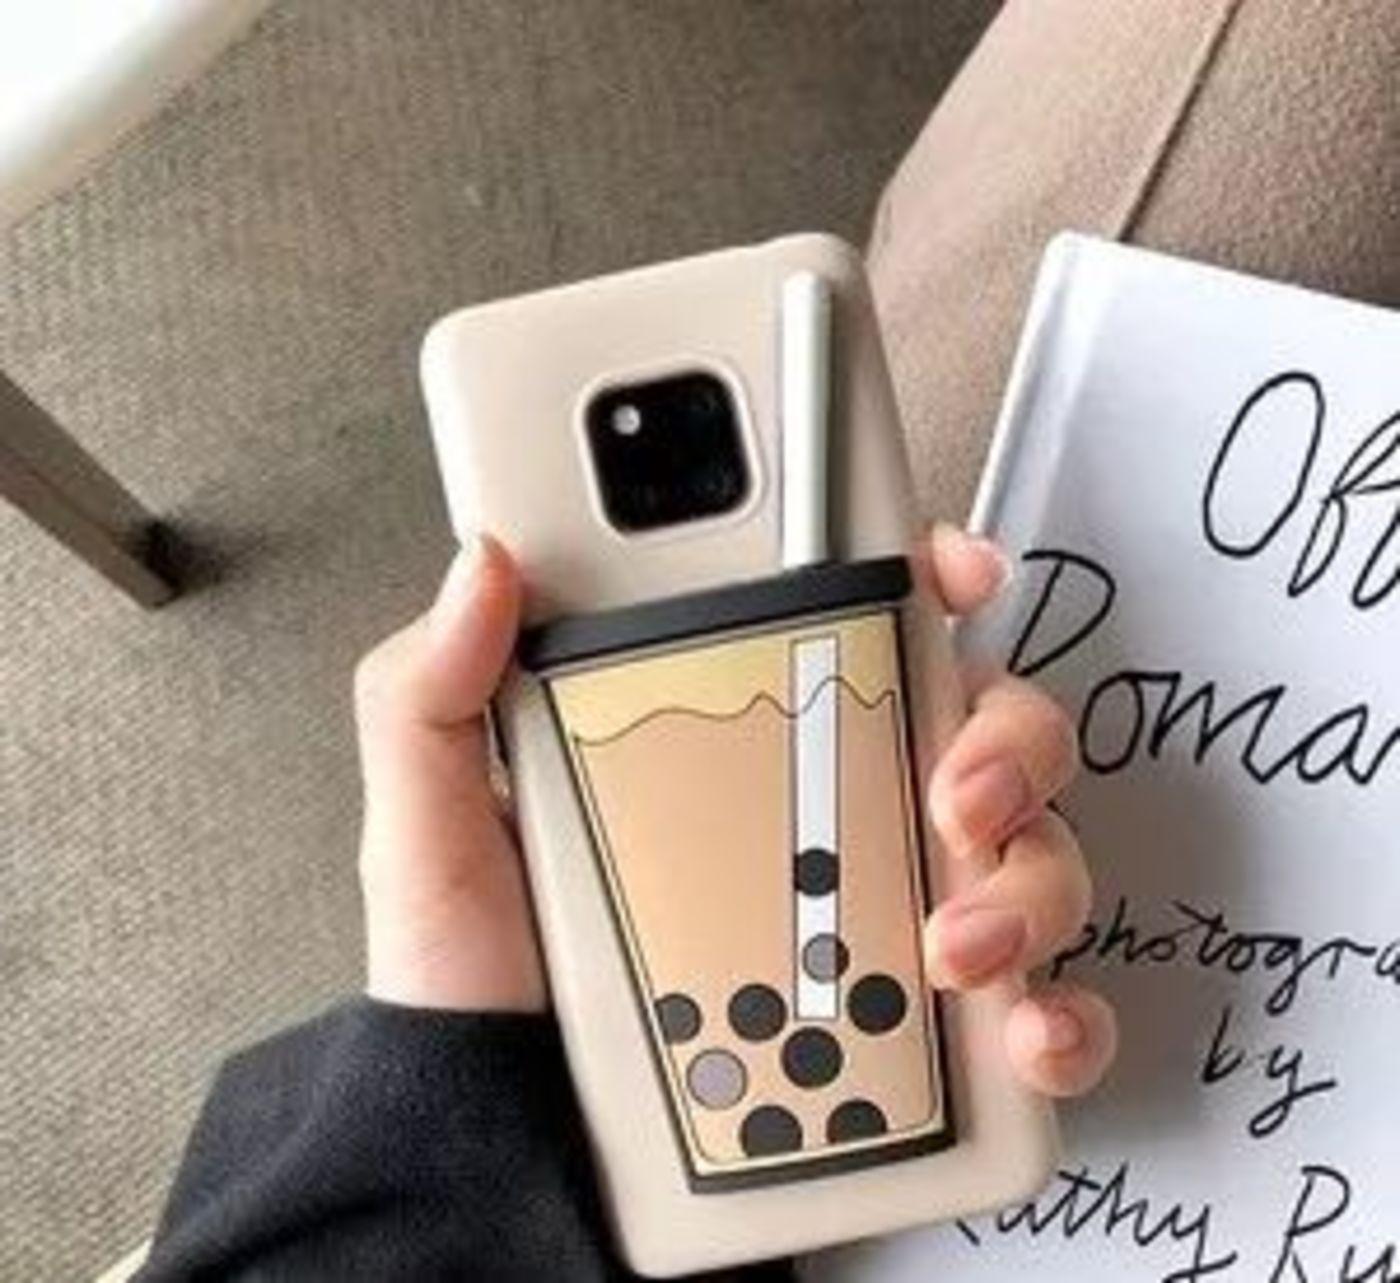 疫情下,手机壳还是一门好生意吗?